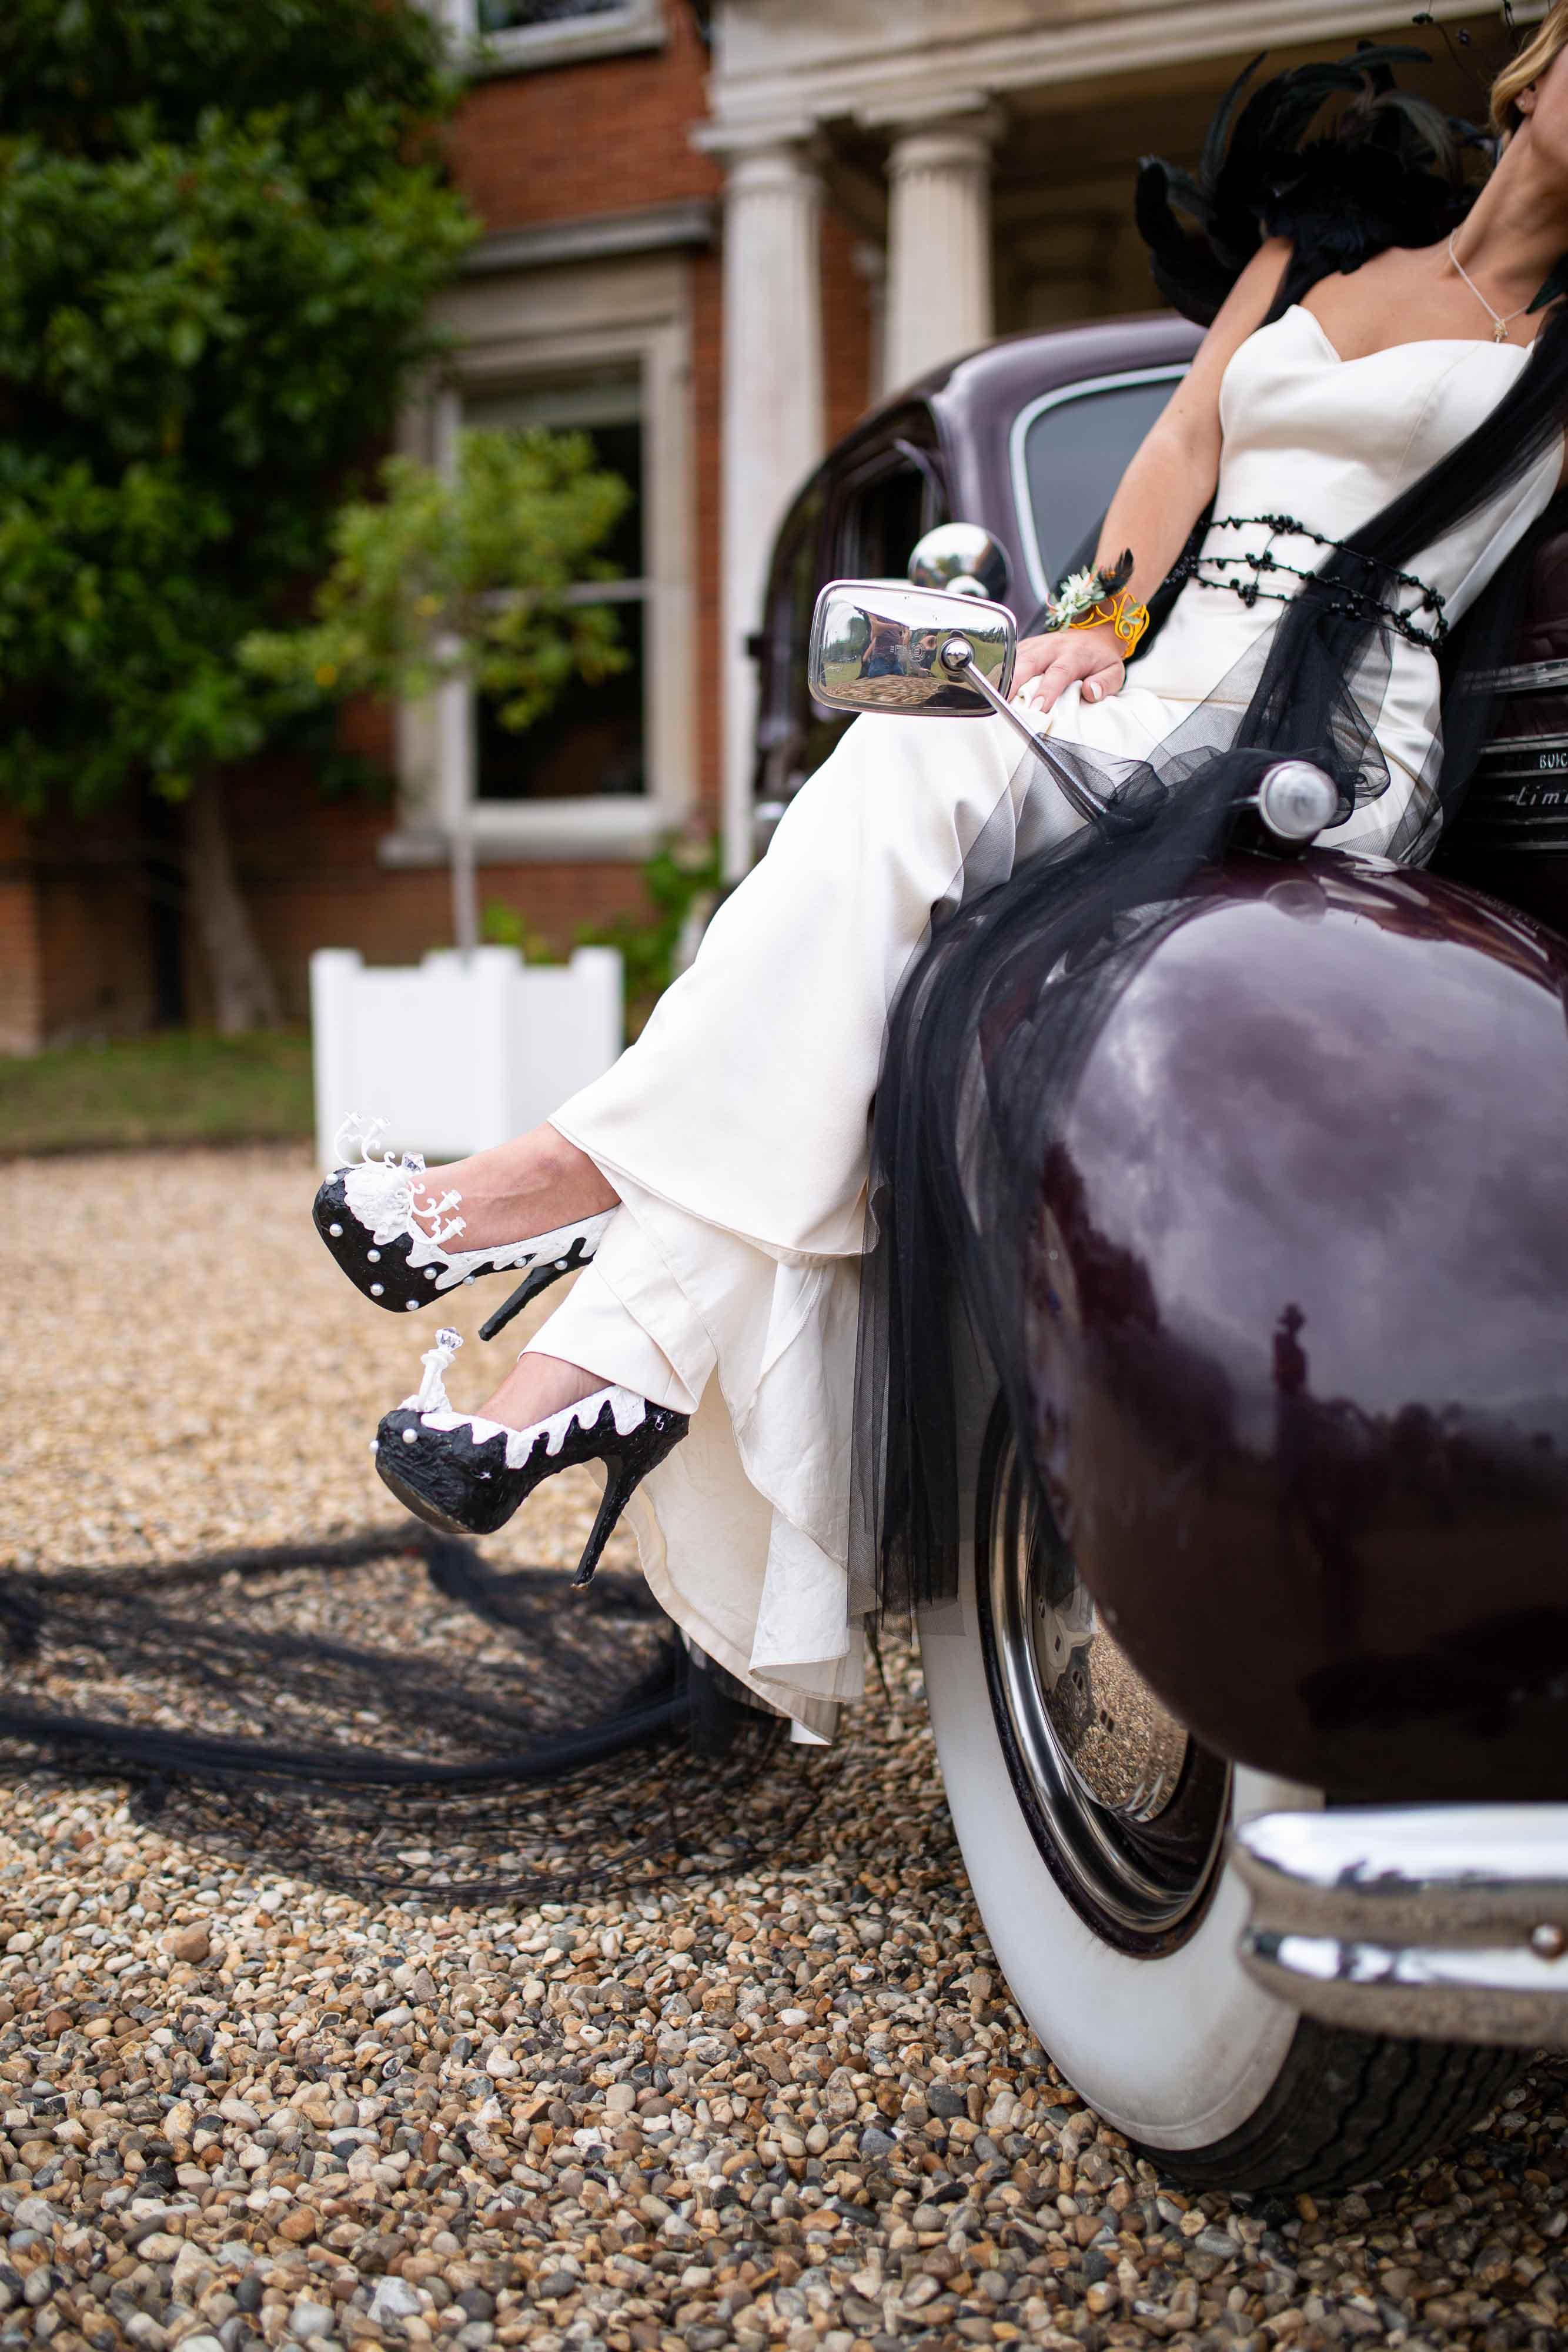 iconic wedding looks- music themed wedding- unconventional wedding- alternative wedding- alternative wedding shoes- lady gaga wedding look- black and white wedding